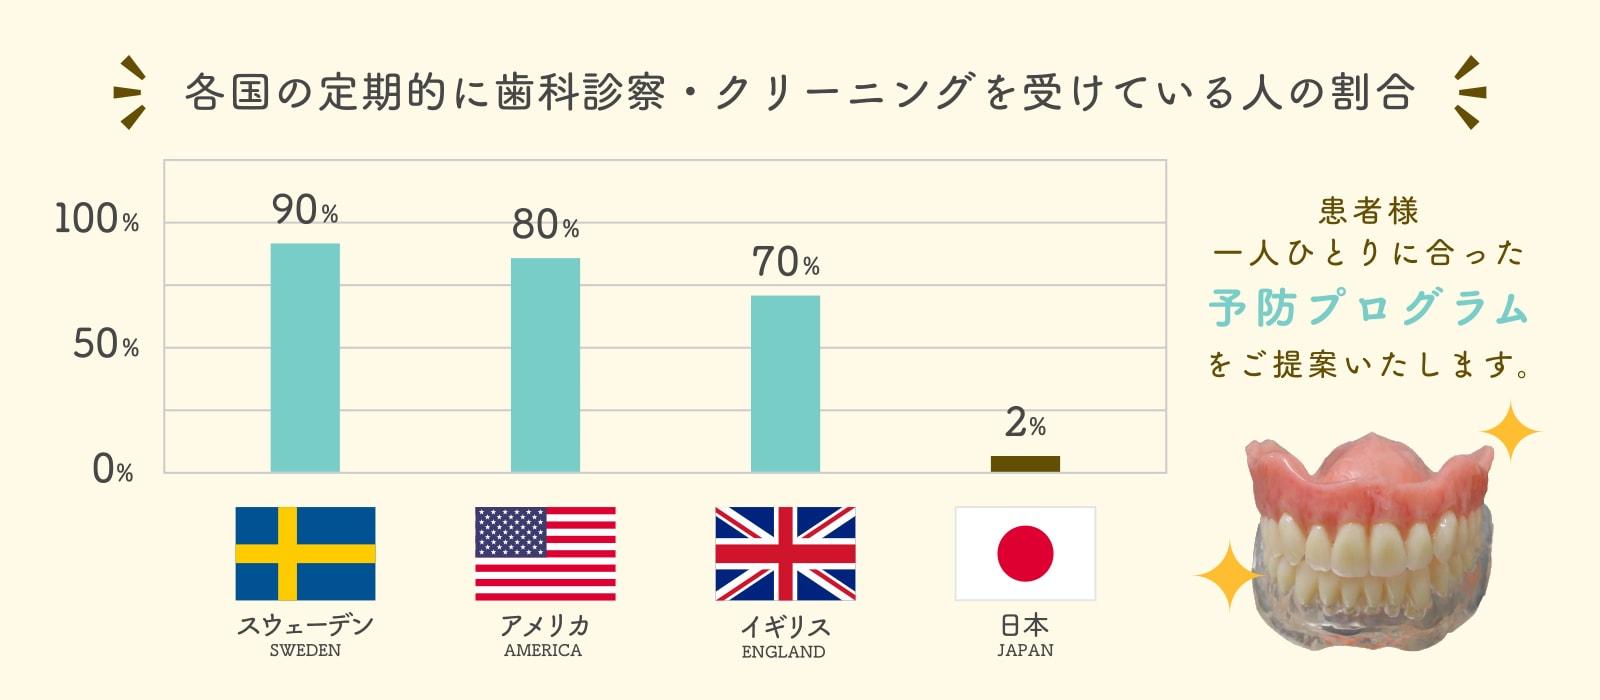 各国の定期的に歯科診察・クリーニングを受けている人の割合